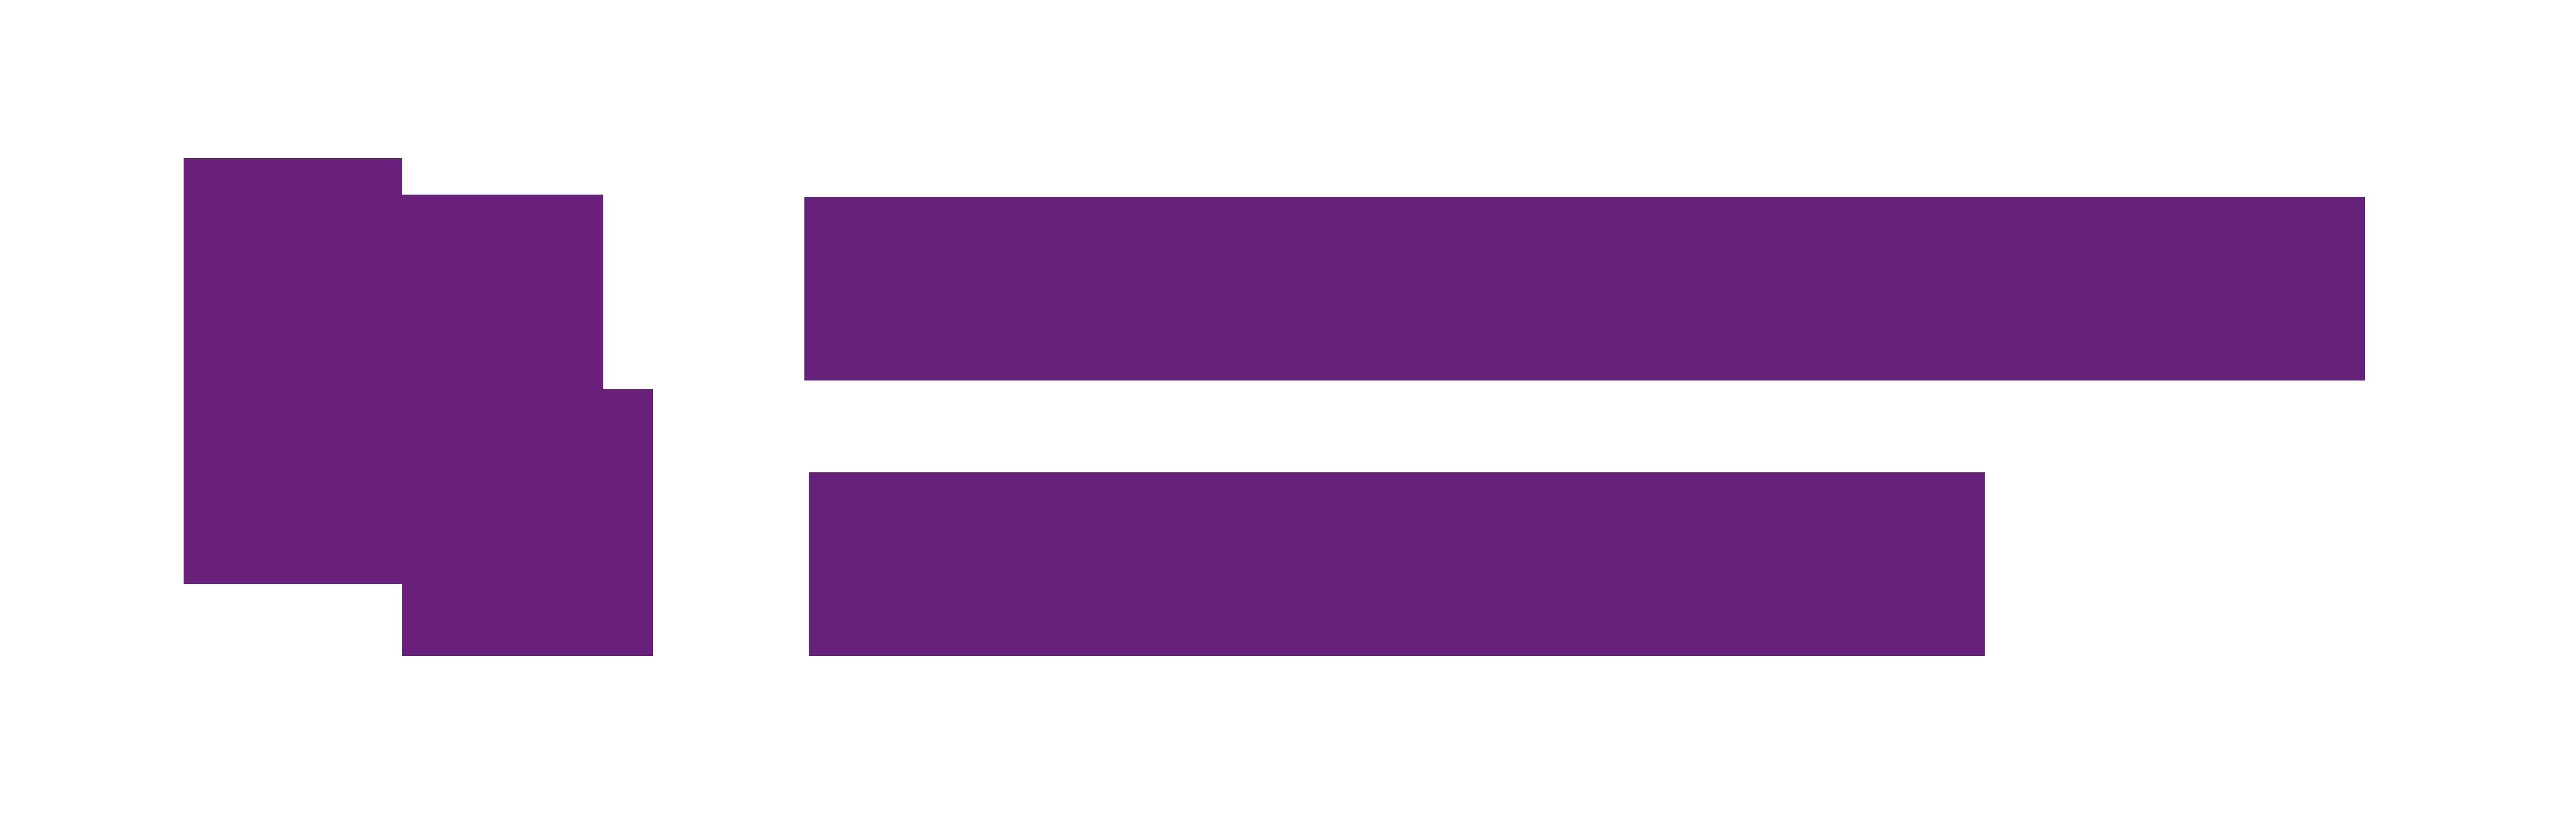 Presenter Group Logo